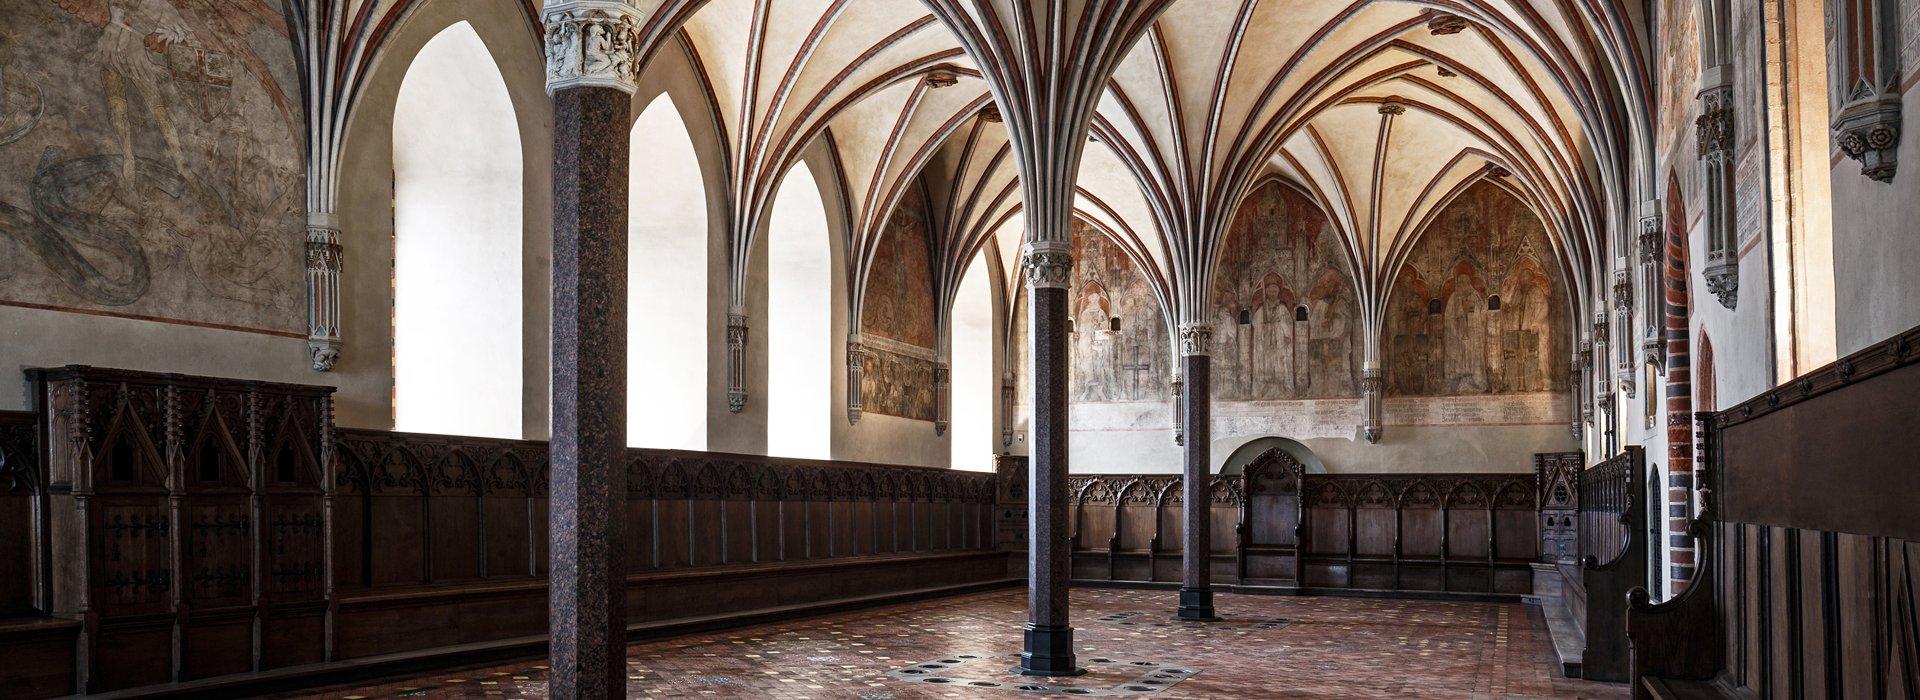 Ghotic interiors of Malbork castle